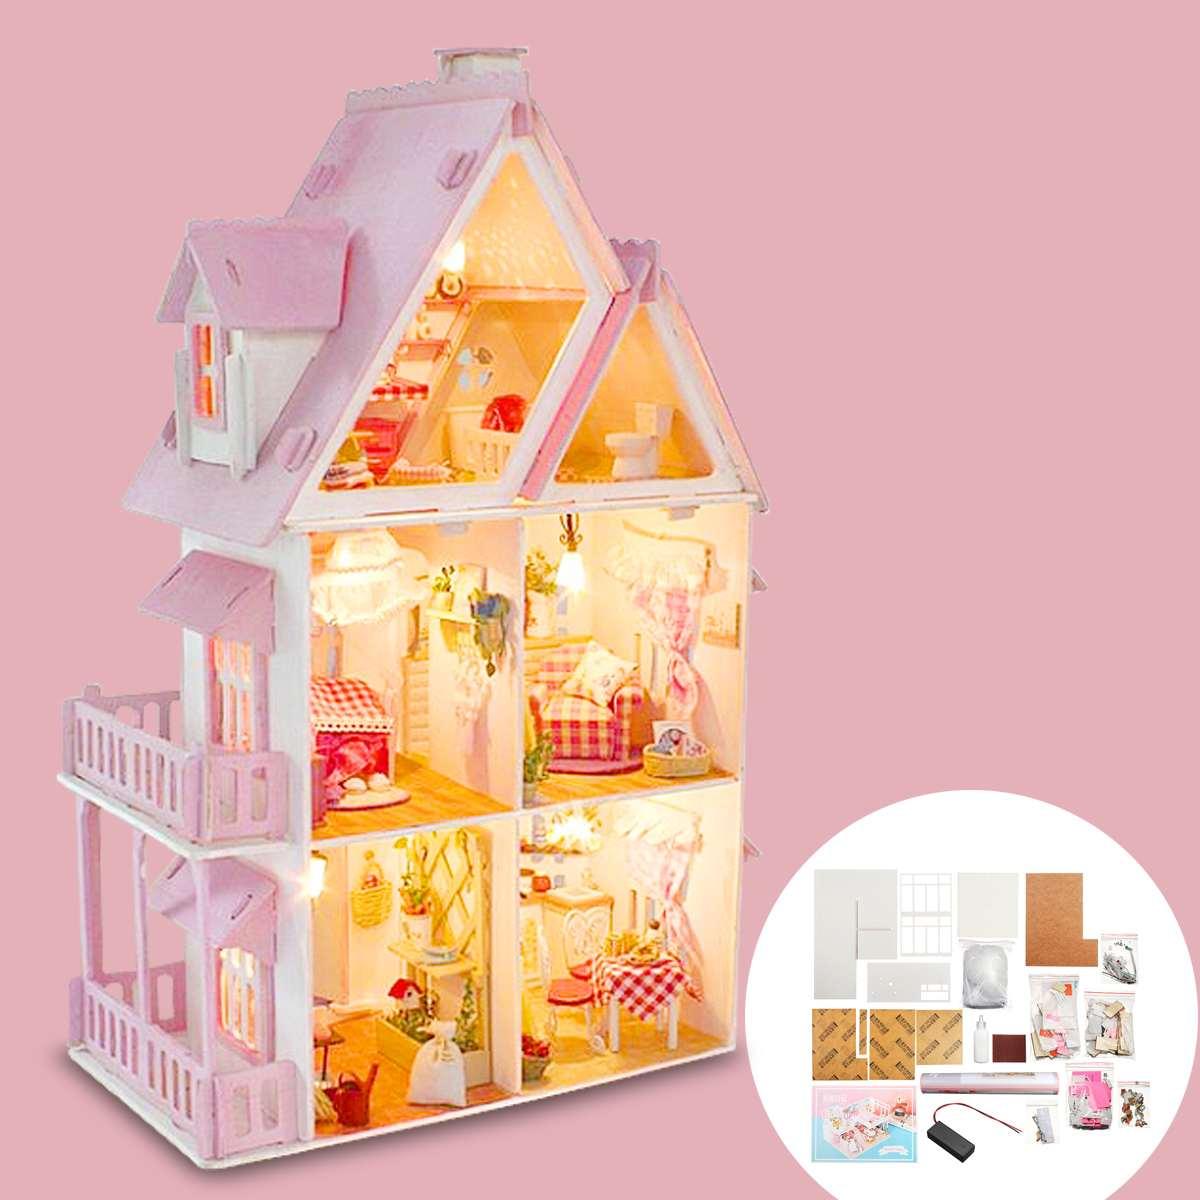 >DIY Wooden <font><b>Dolls</b></font> <font><b>House</b></font> Miniature Box Handmade LED Light Miniature Dollhouse Furniture <font><b>Doll</b></font> <font><b>House</b></font> <font><b>Accessories</b></font> For Children Gift